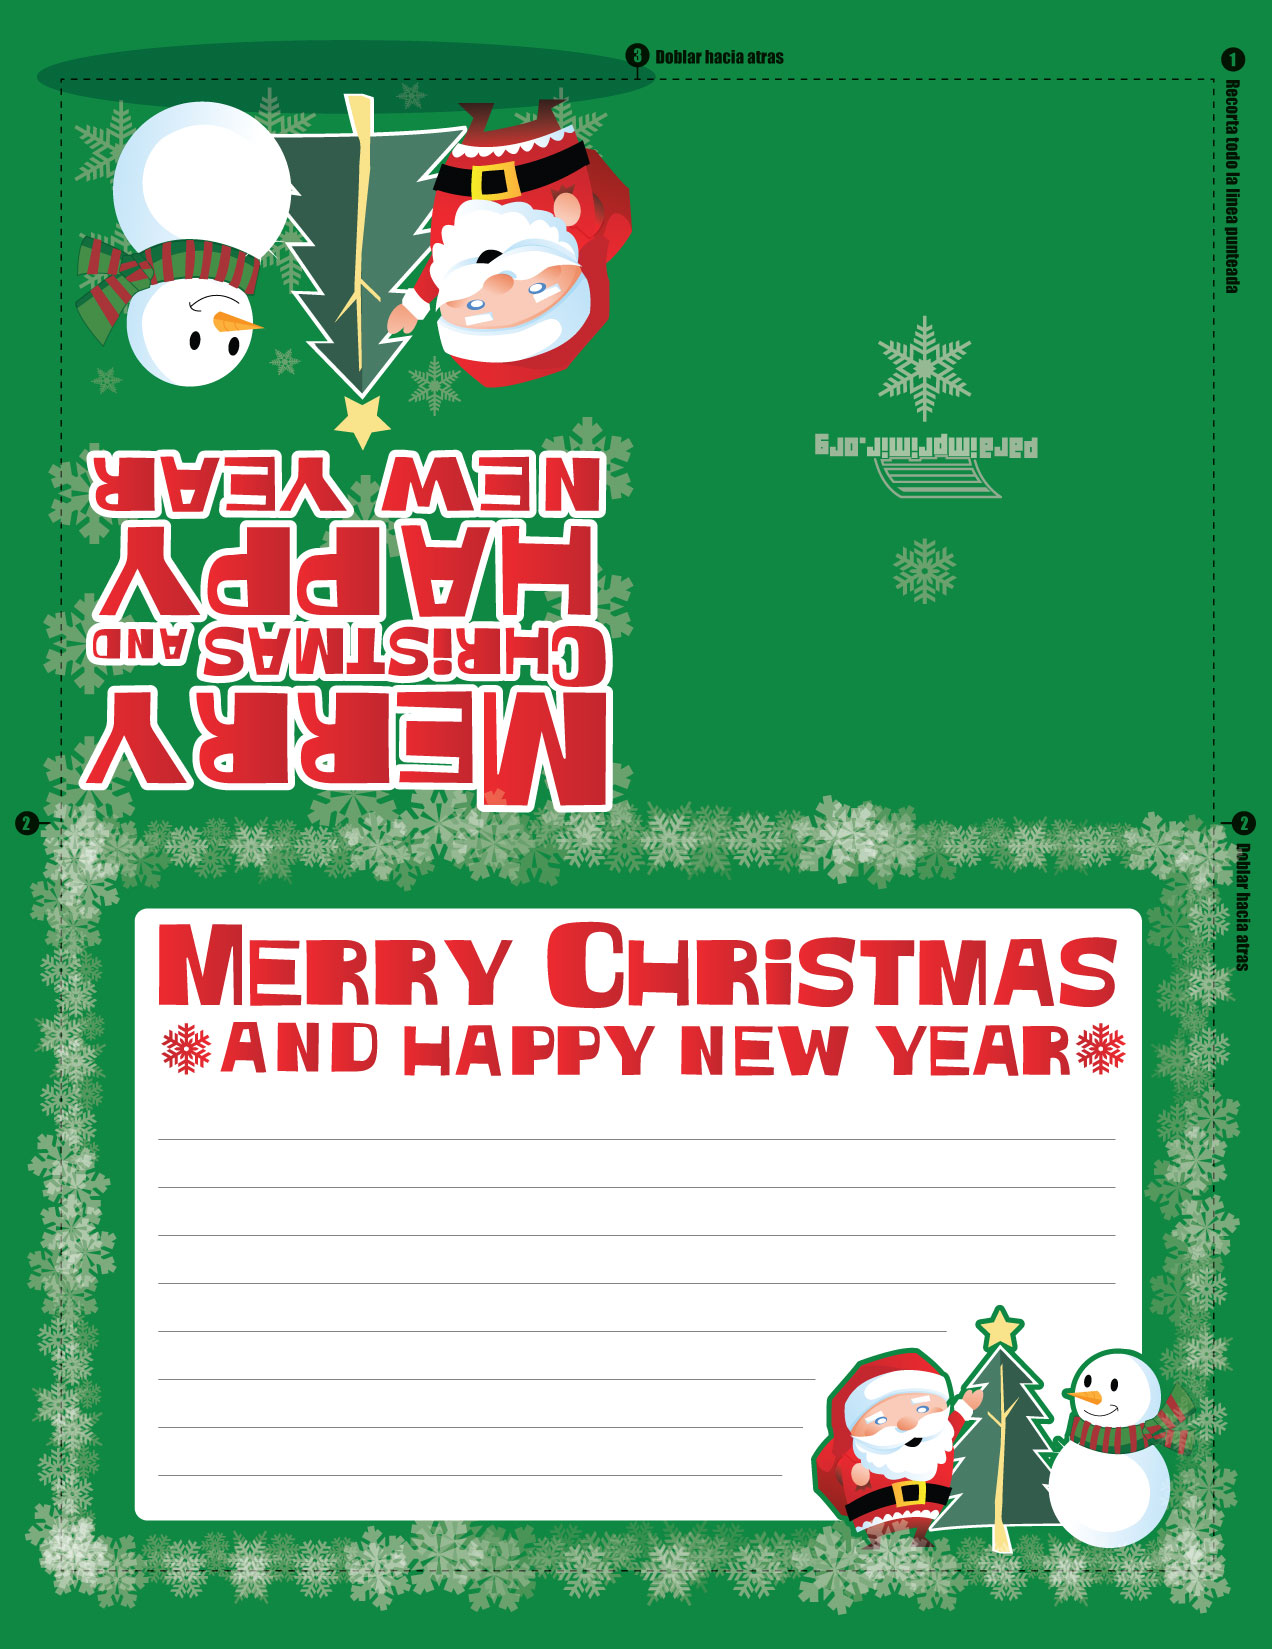 Felicitaciones De Navidad Para Escribir E Imprimir Navidad Mágica 2019